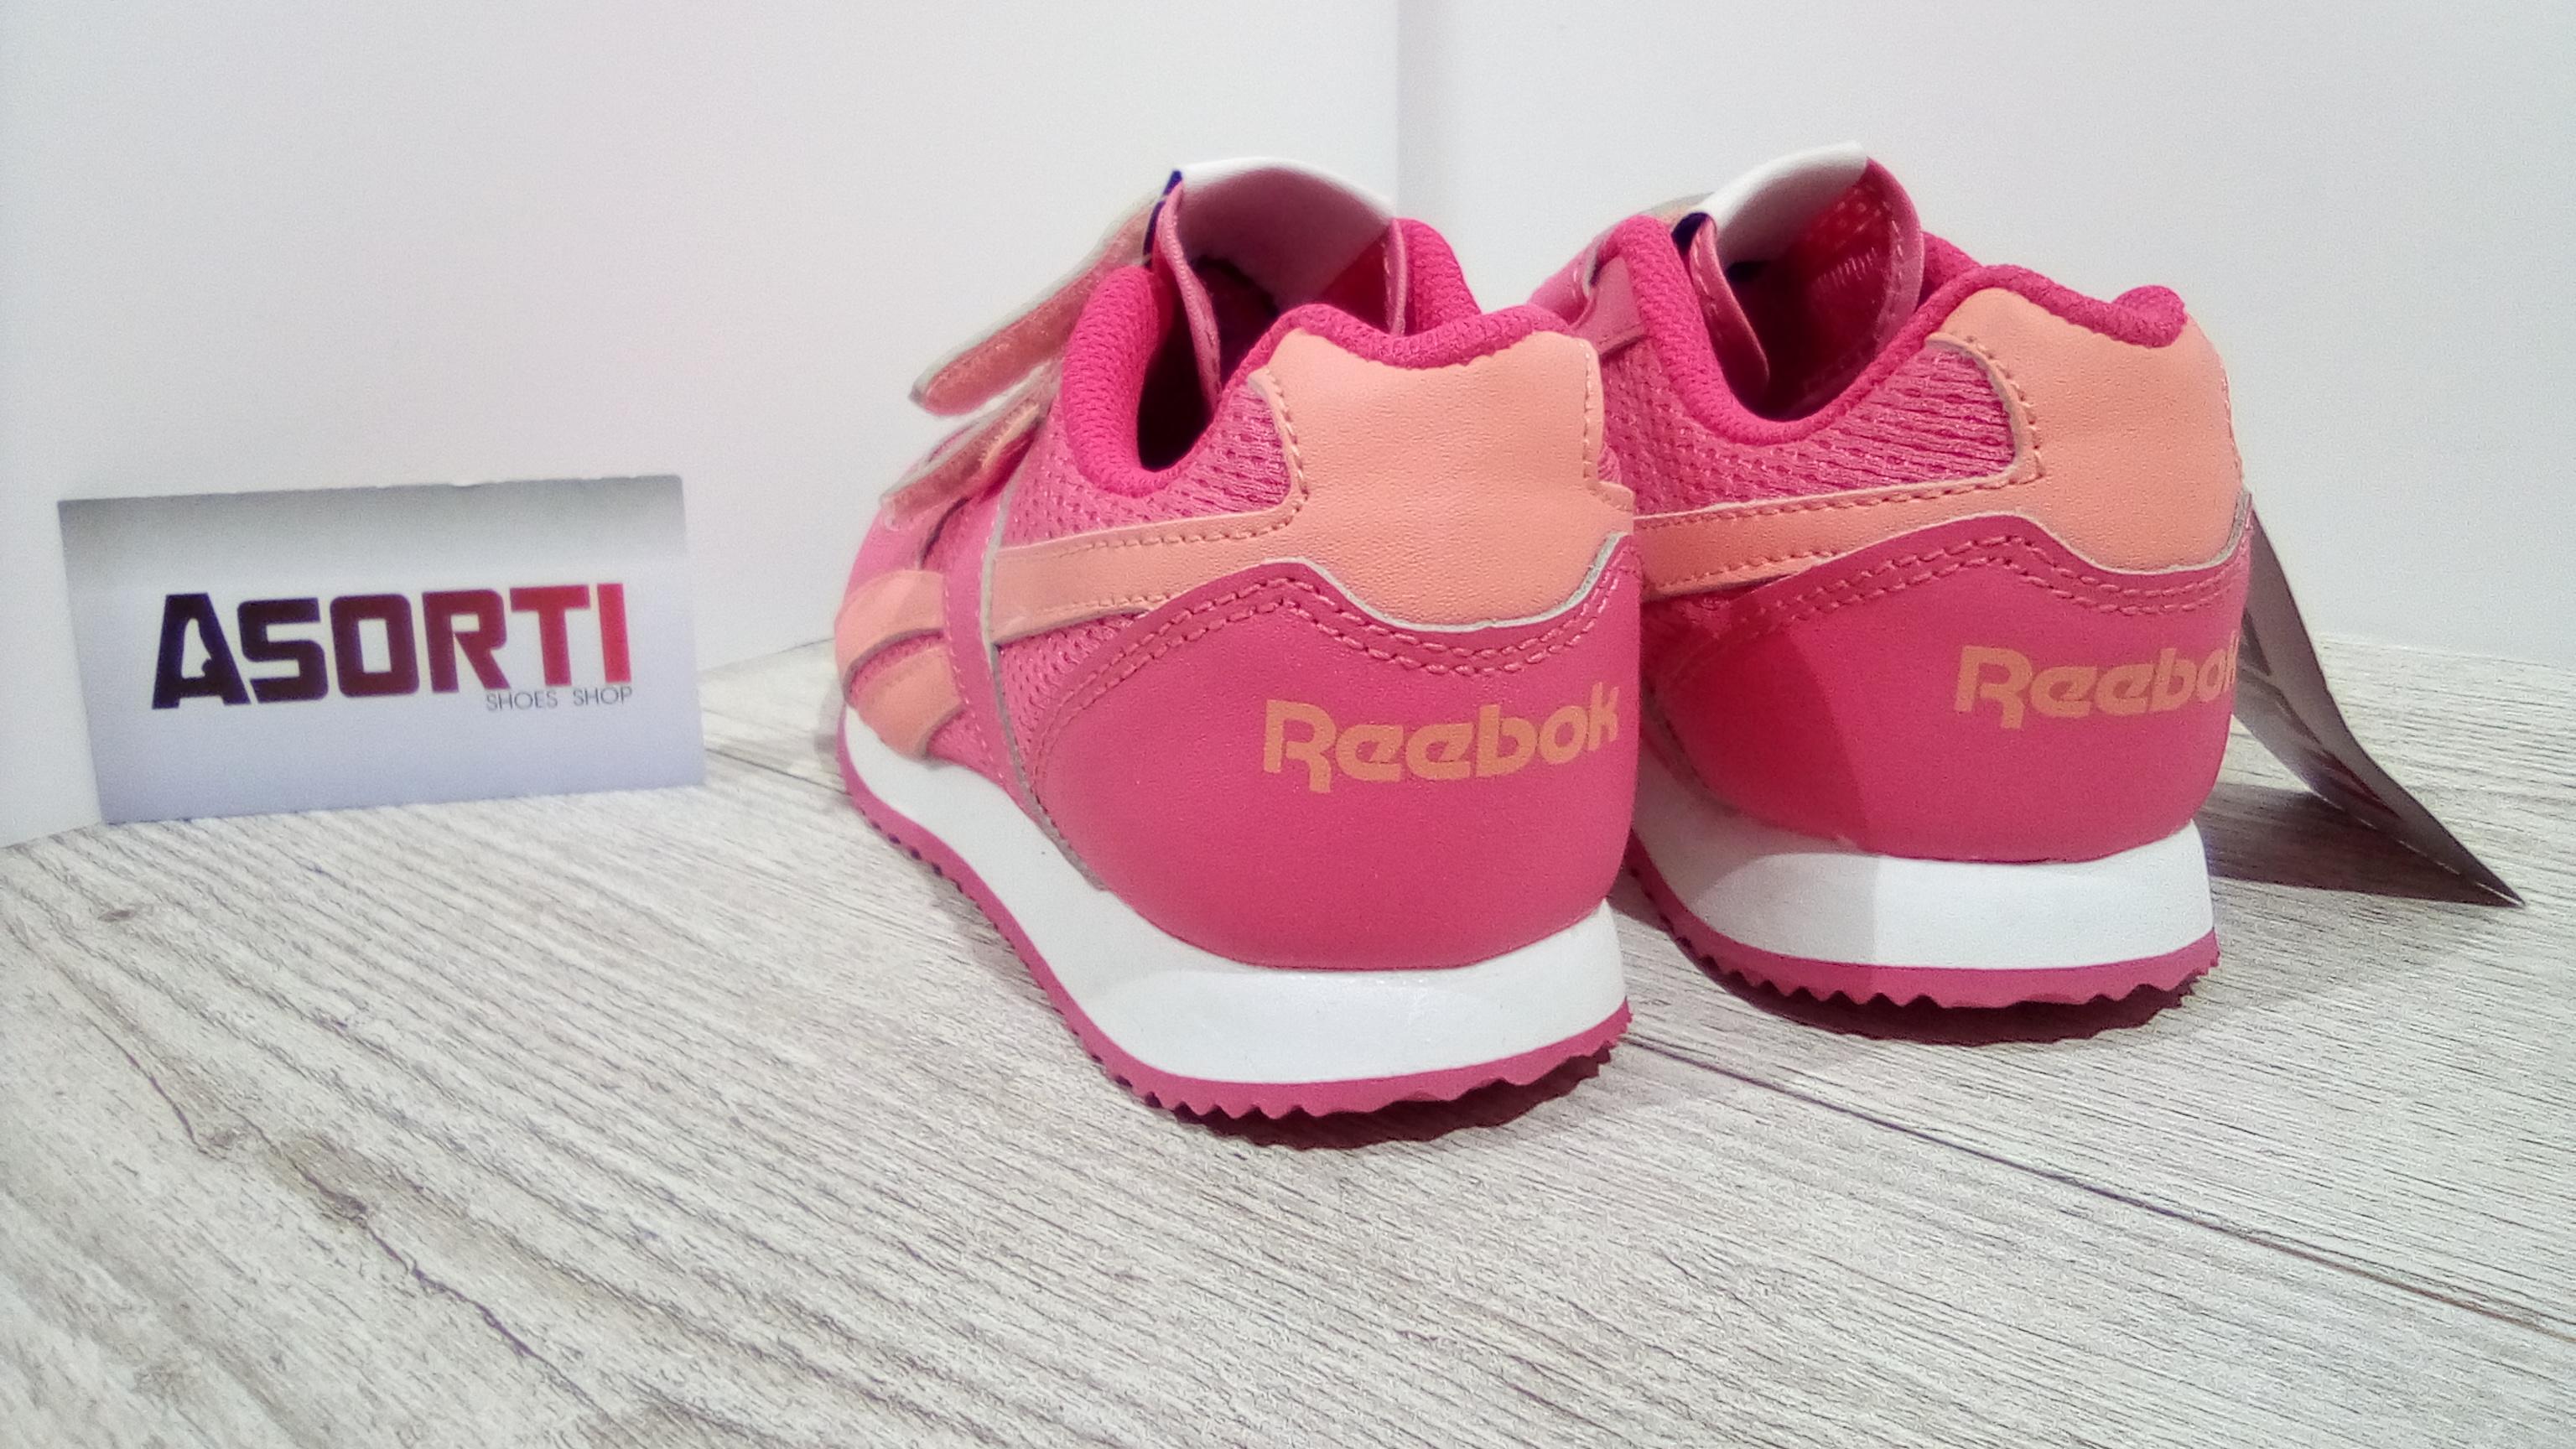 11372cdb Дитячі кросівки Reebok Royal Jogger (V47226) рожеві купити в Україні ...